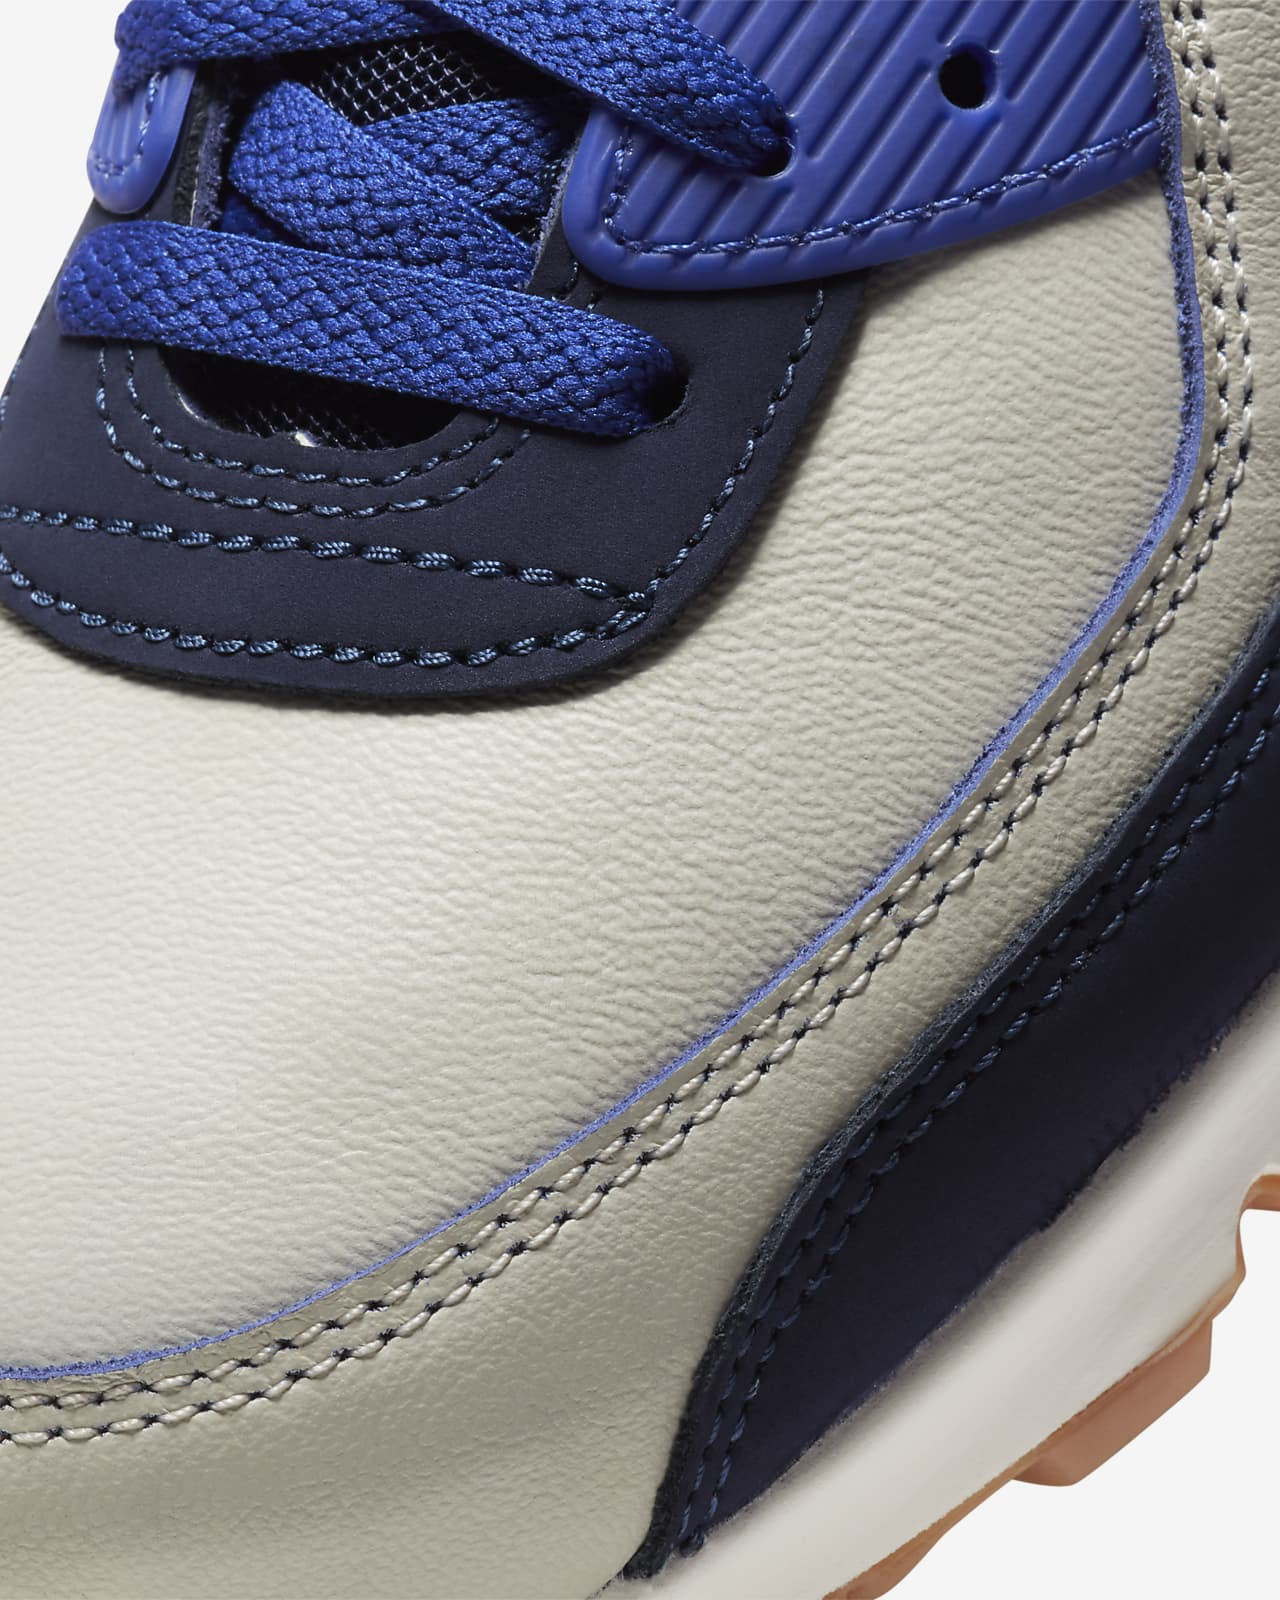 Air Max 90 Premium Men's Shoe